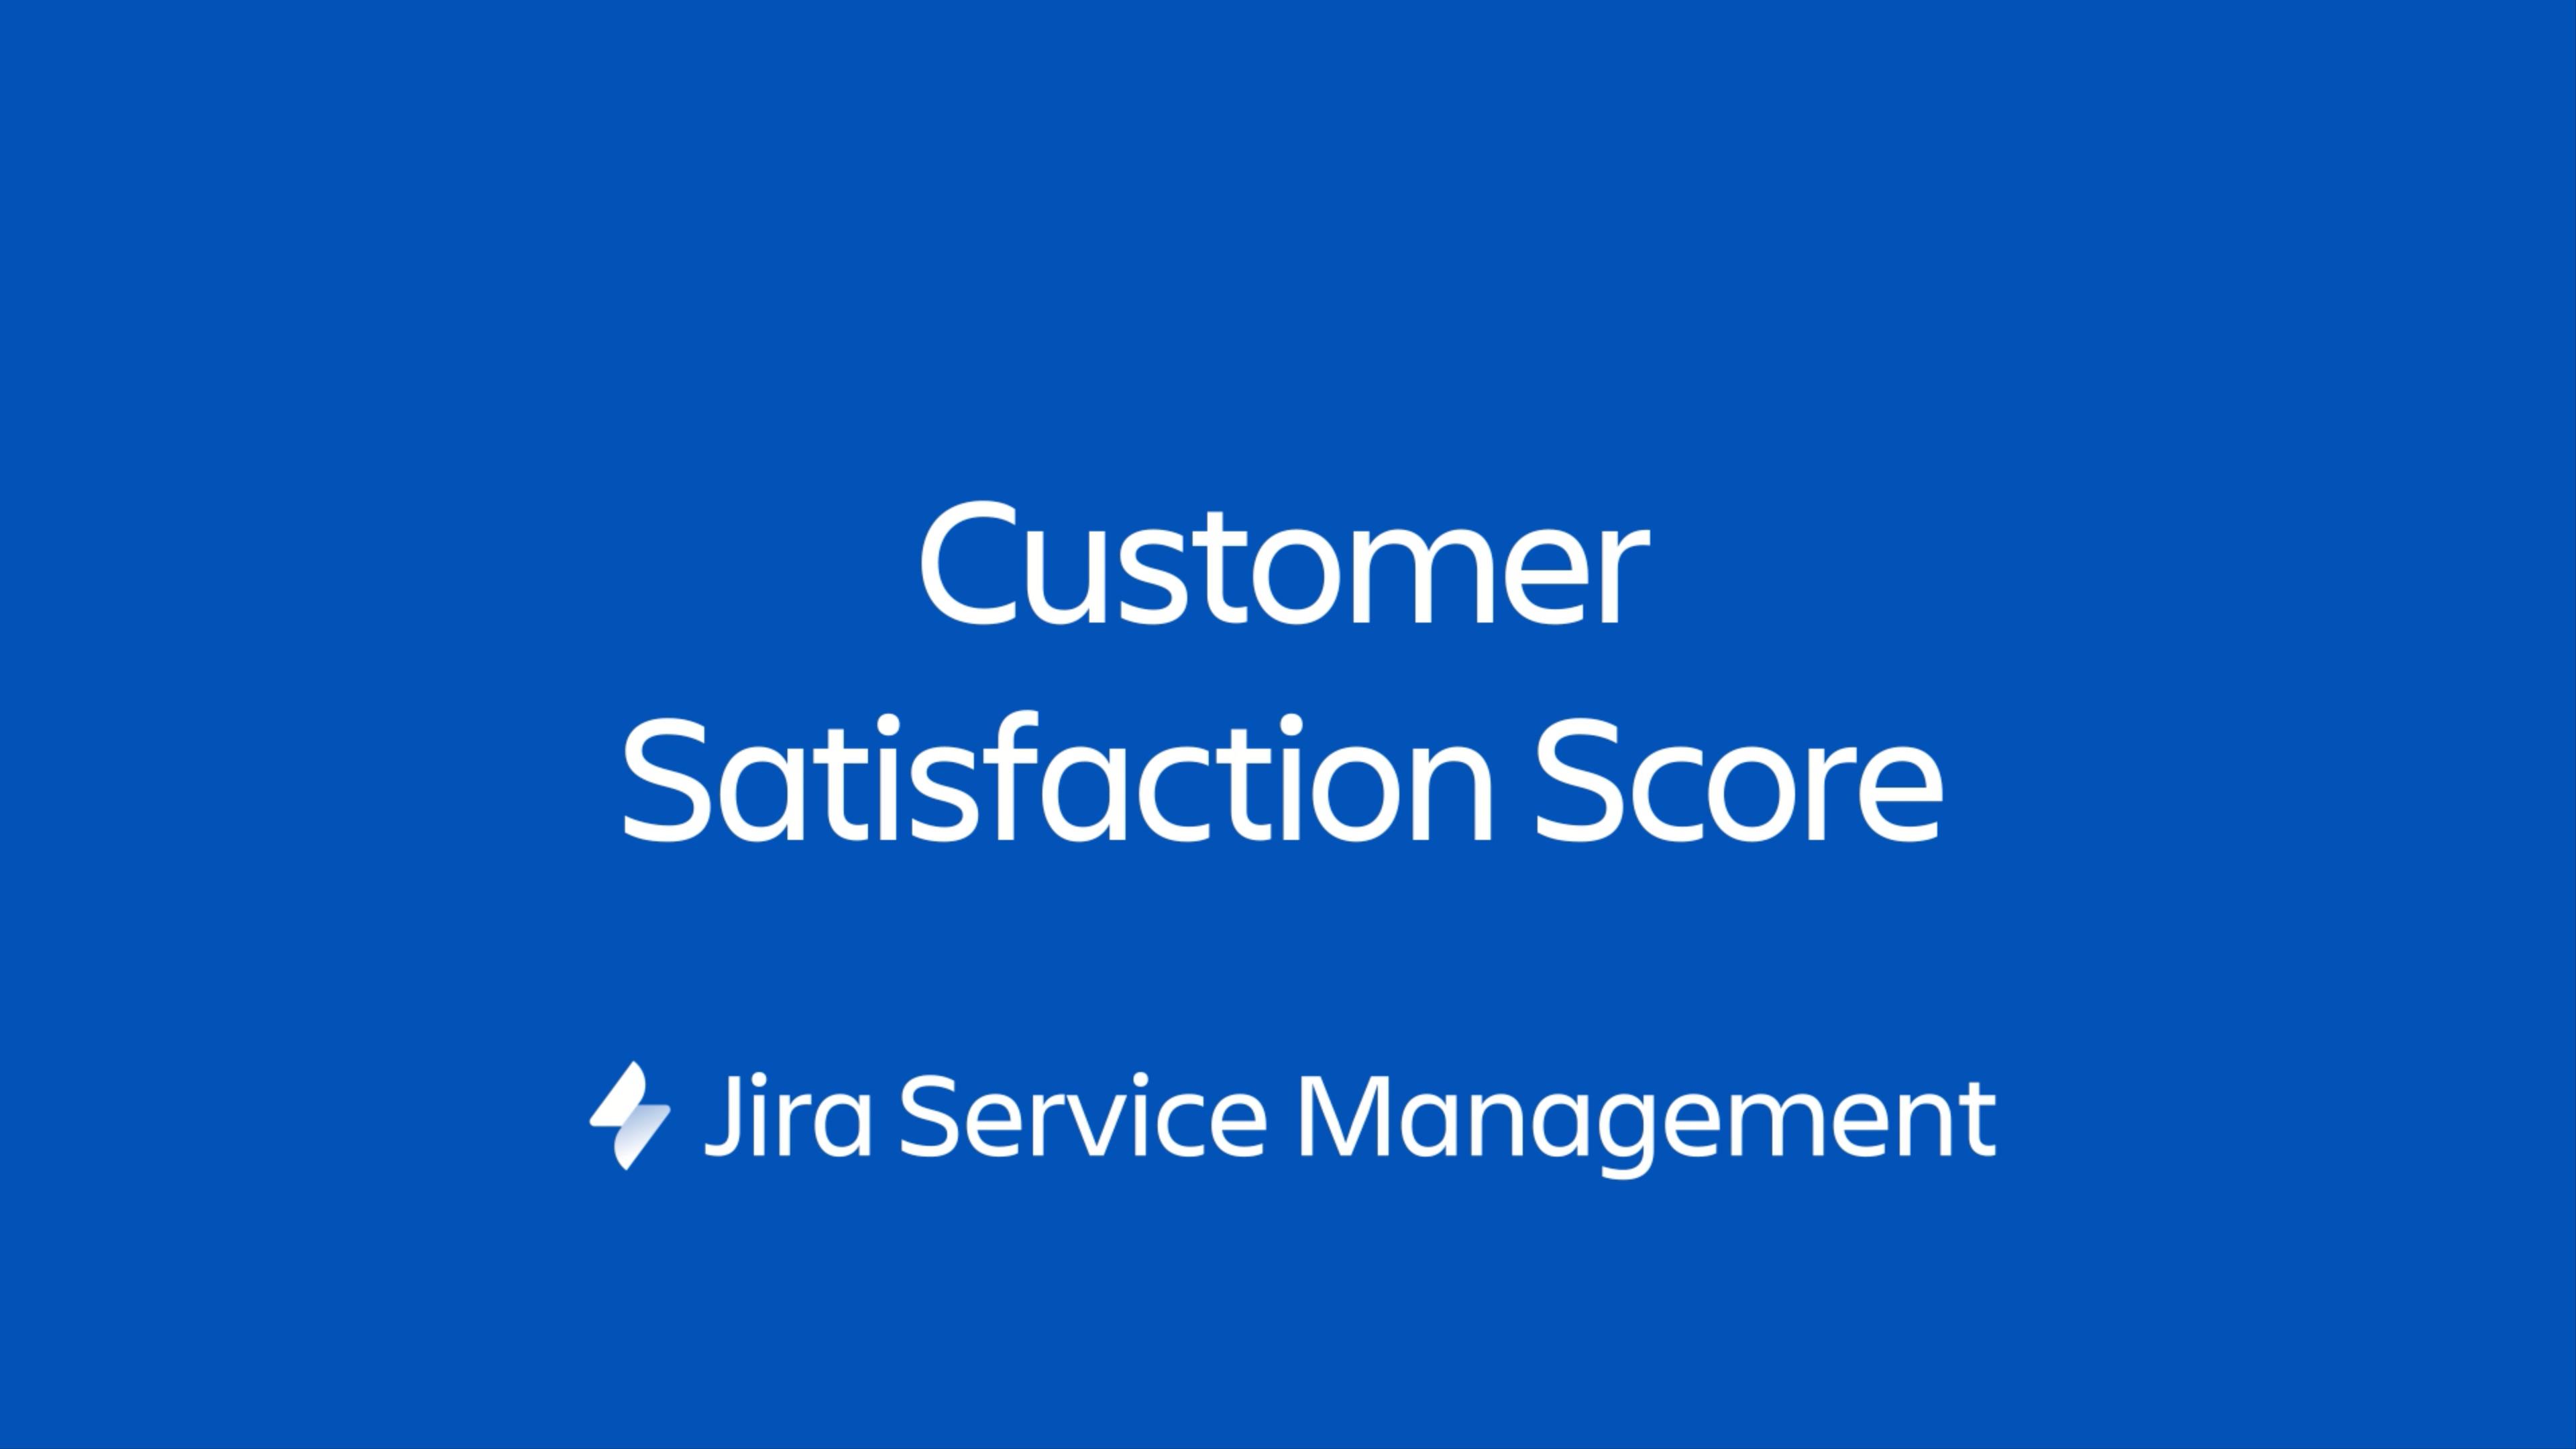 Виджет Jira Service Management представляет собой небольшой портал, который можно встроить на веб-странице под вашим управлением.